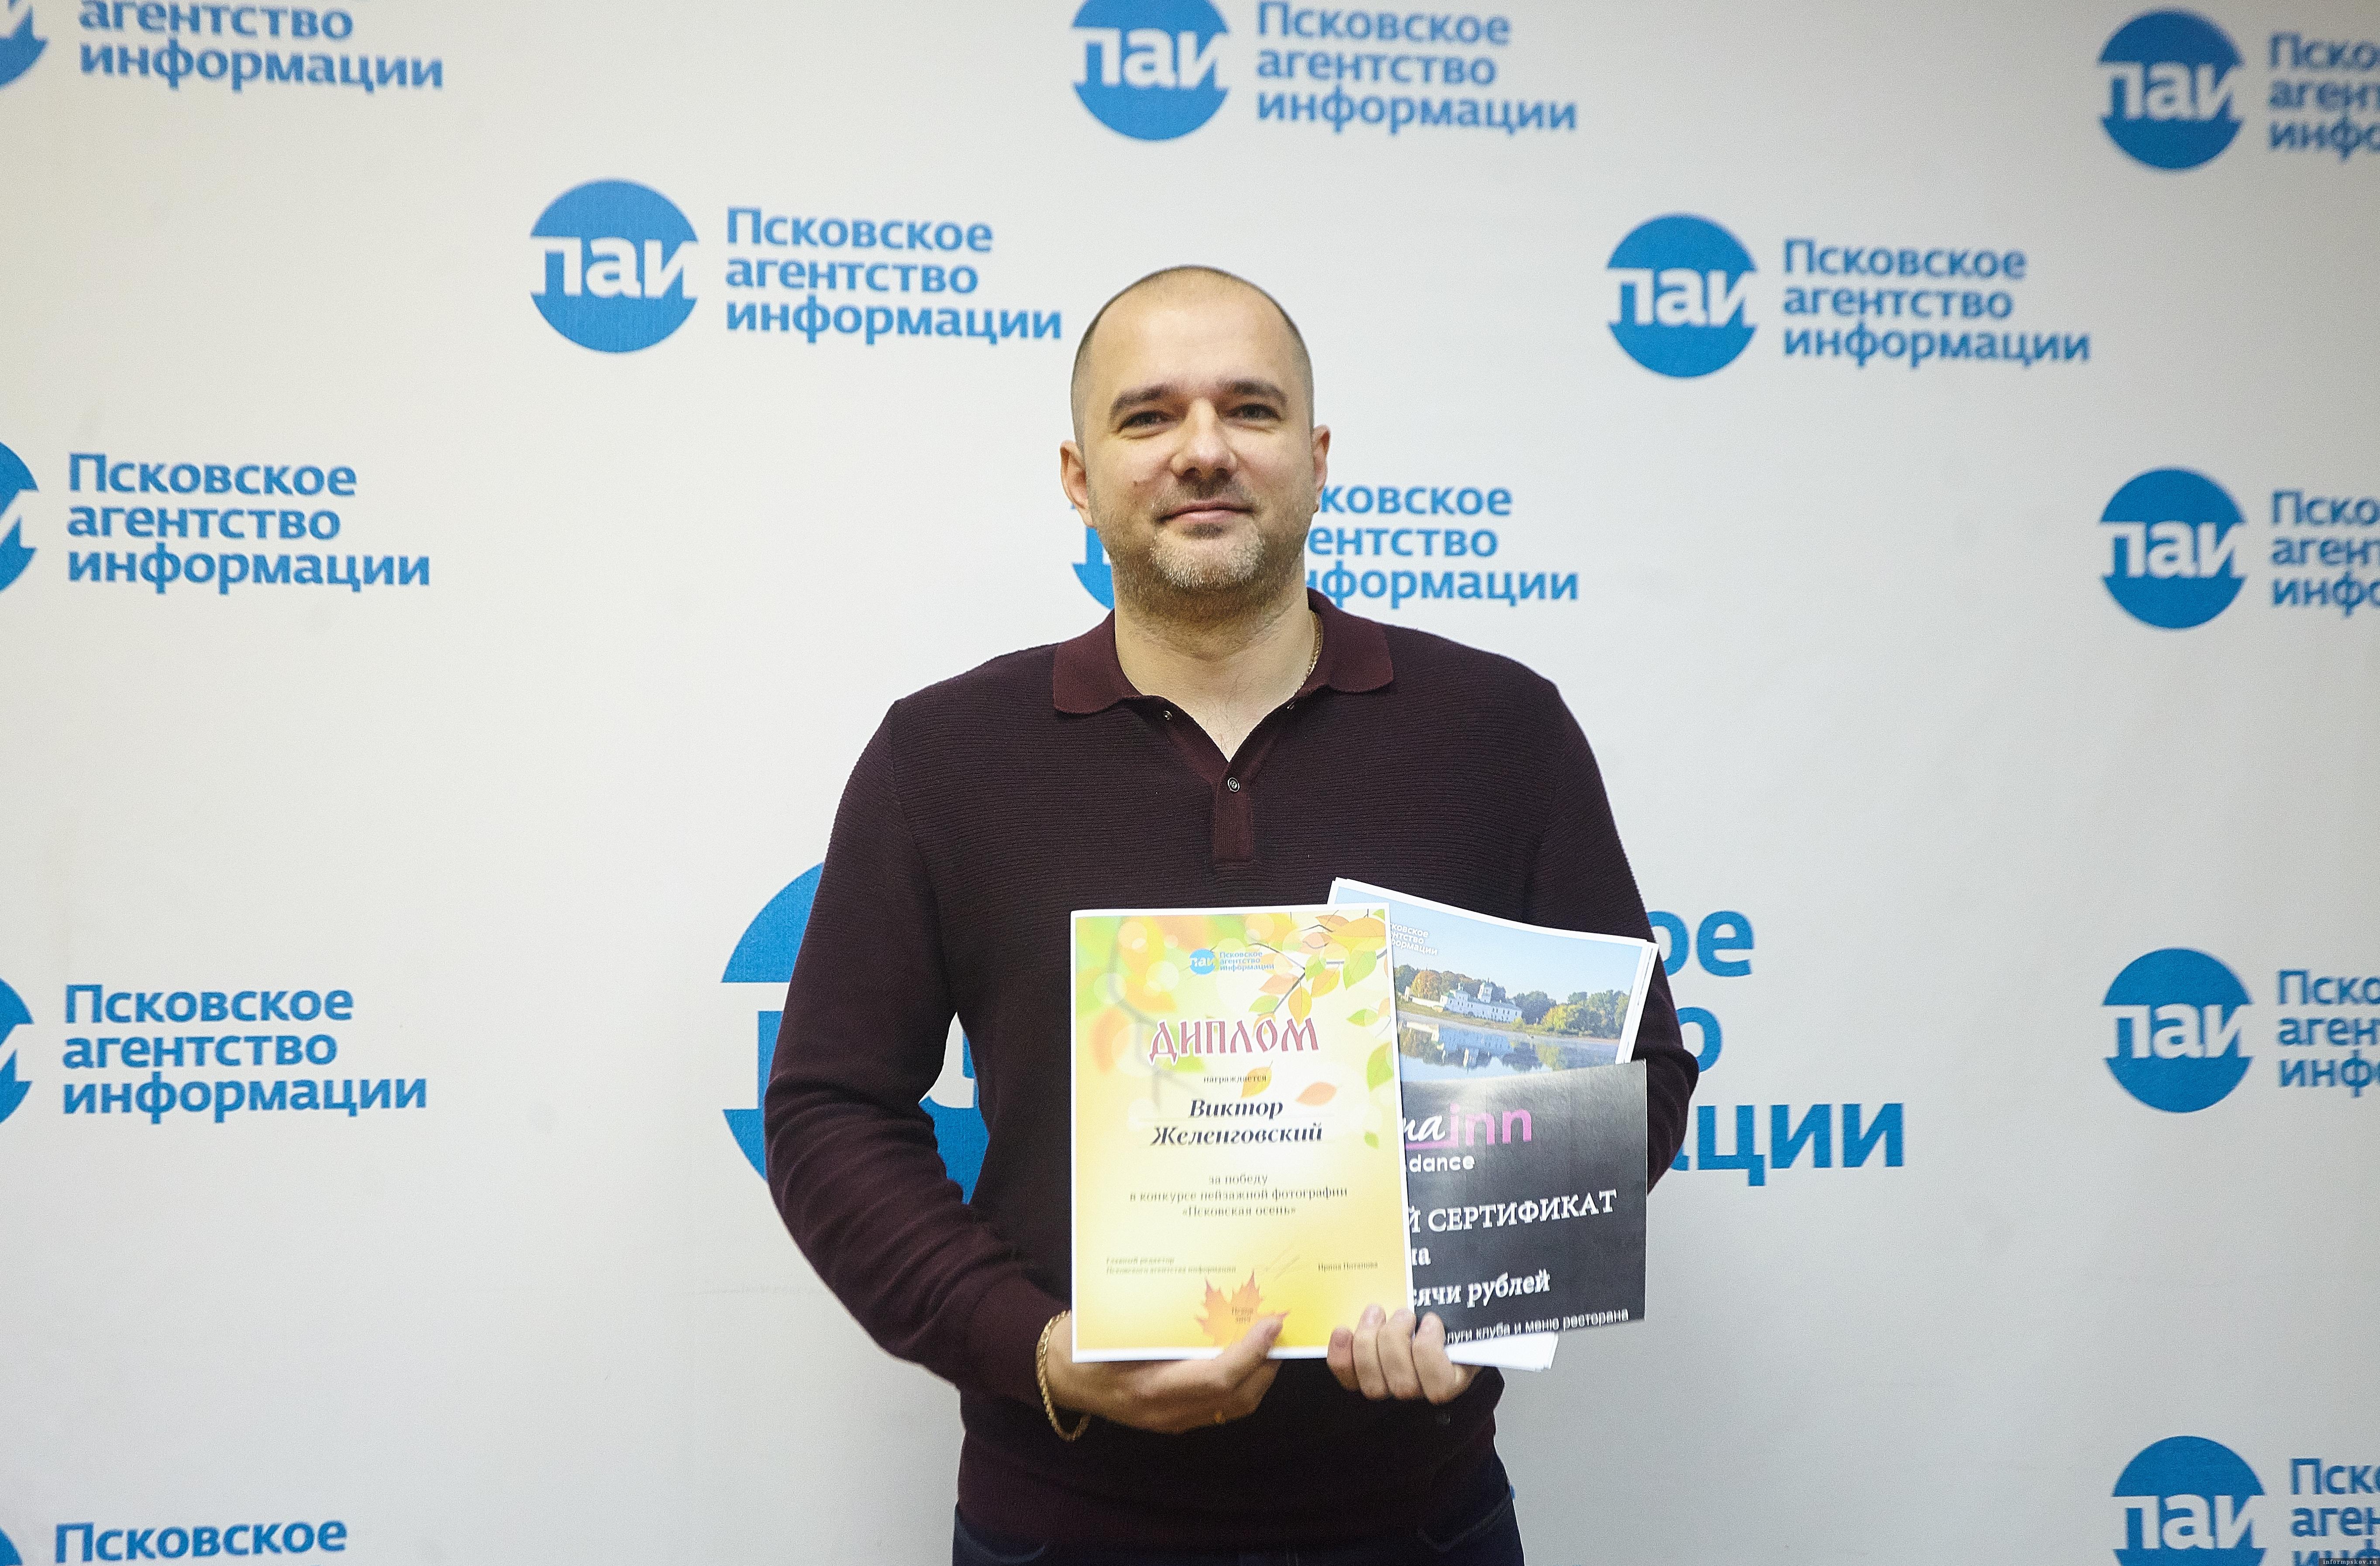 конкурс псковских фотографов пейзажистов реже